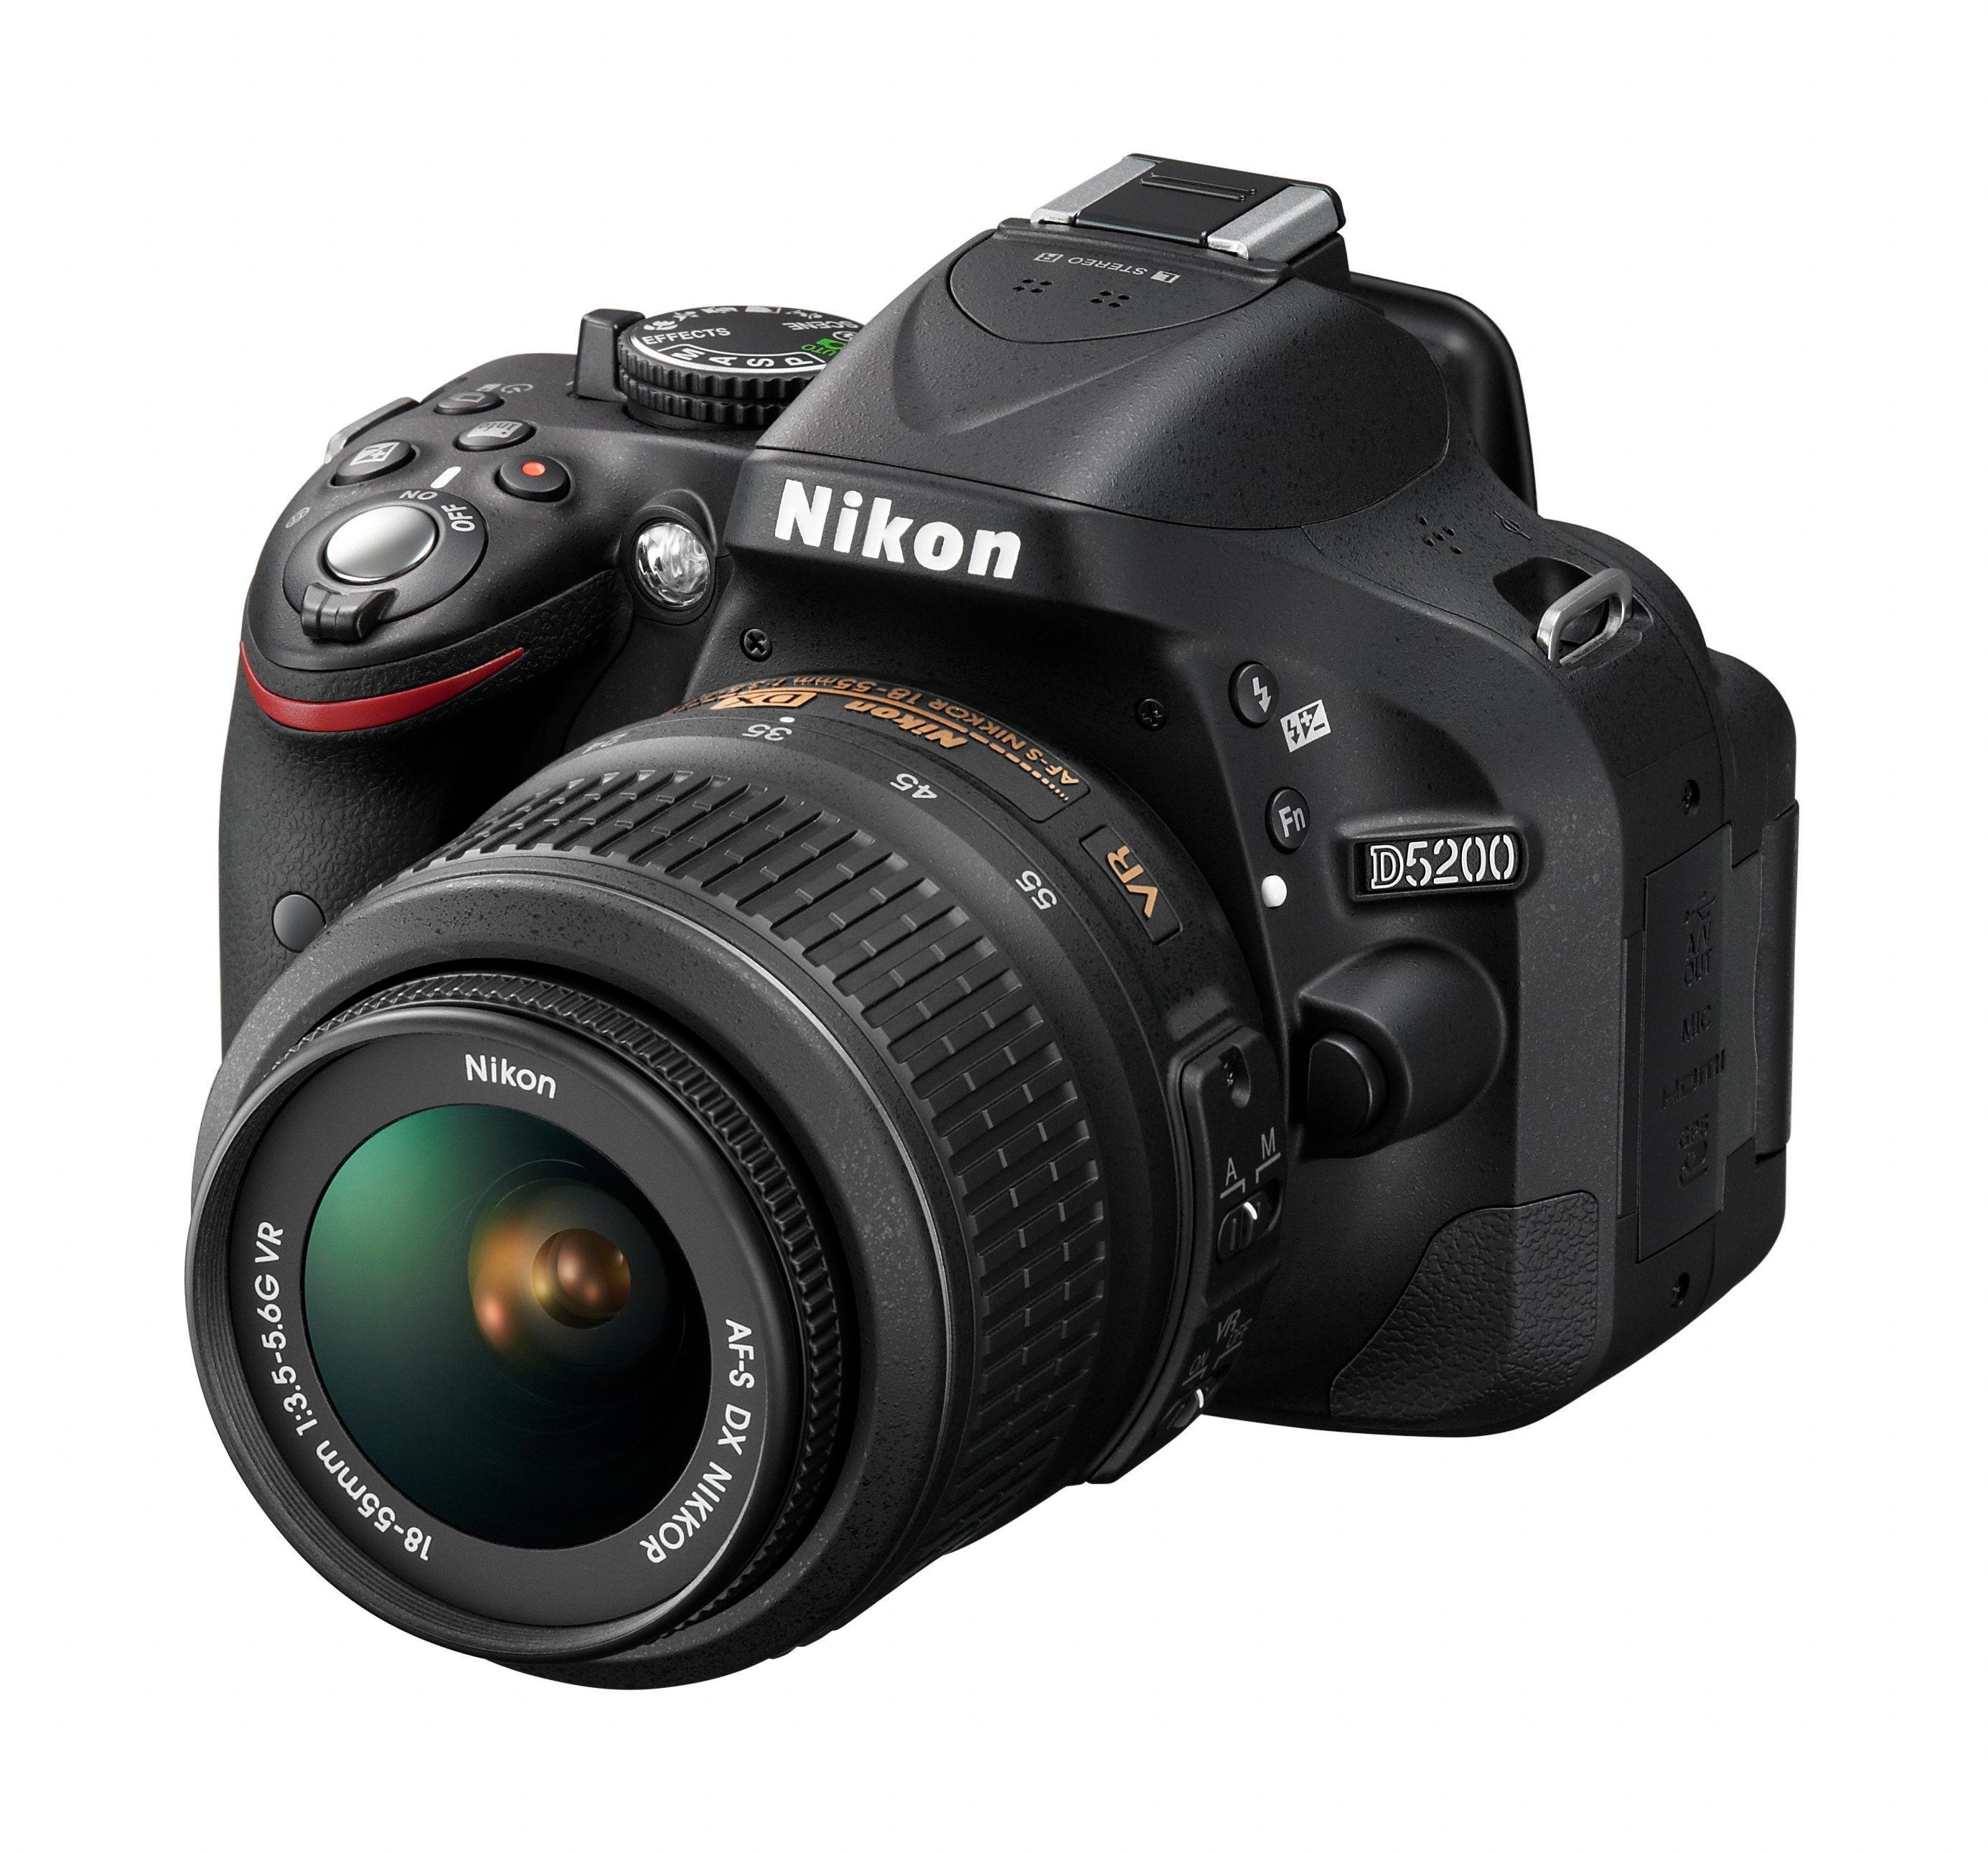 Nikon D5200.